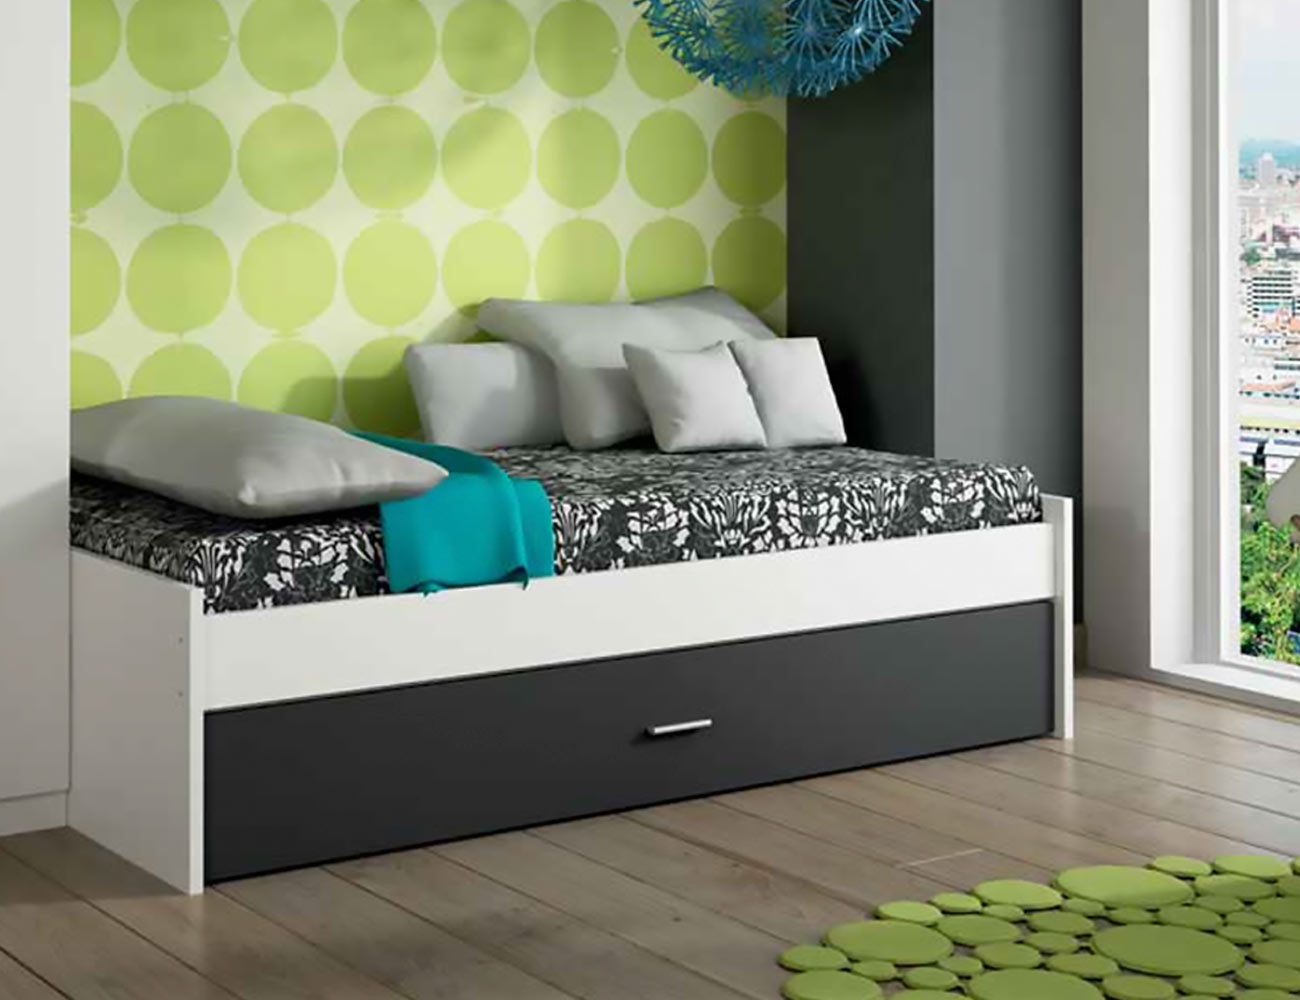 Cama nido en color blanco factory del mueble utrera - Mueble cama nido ...